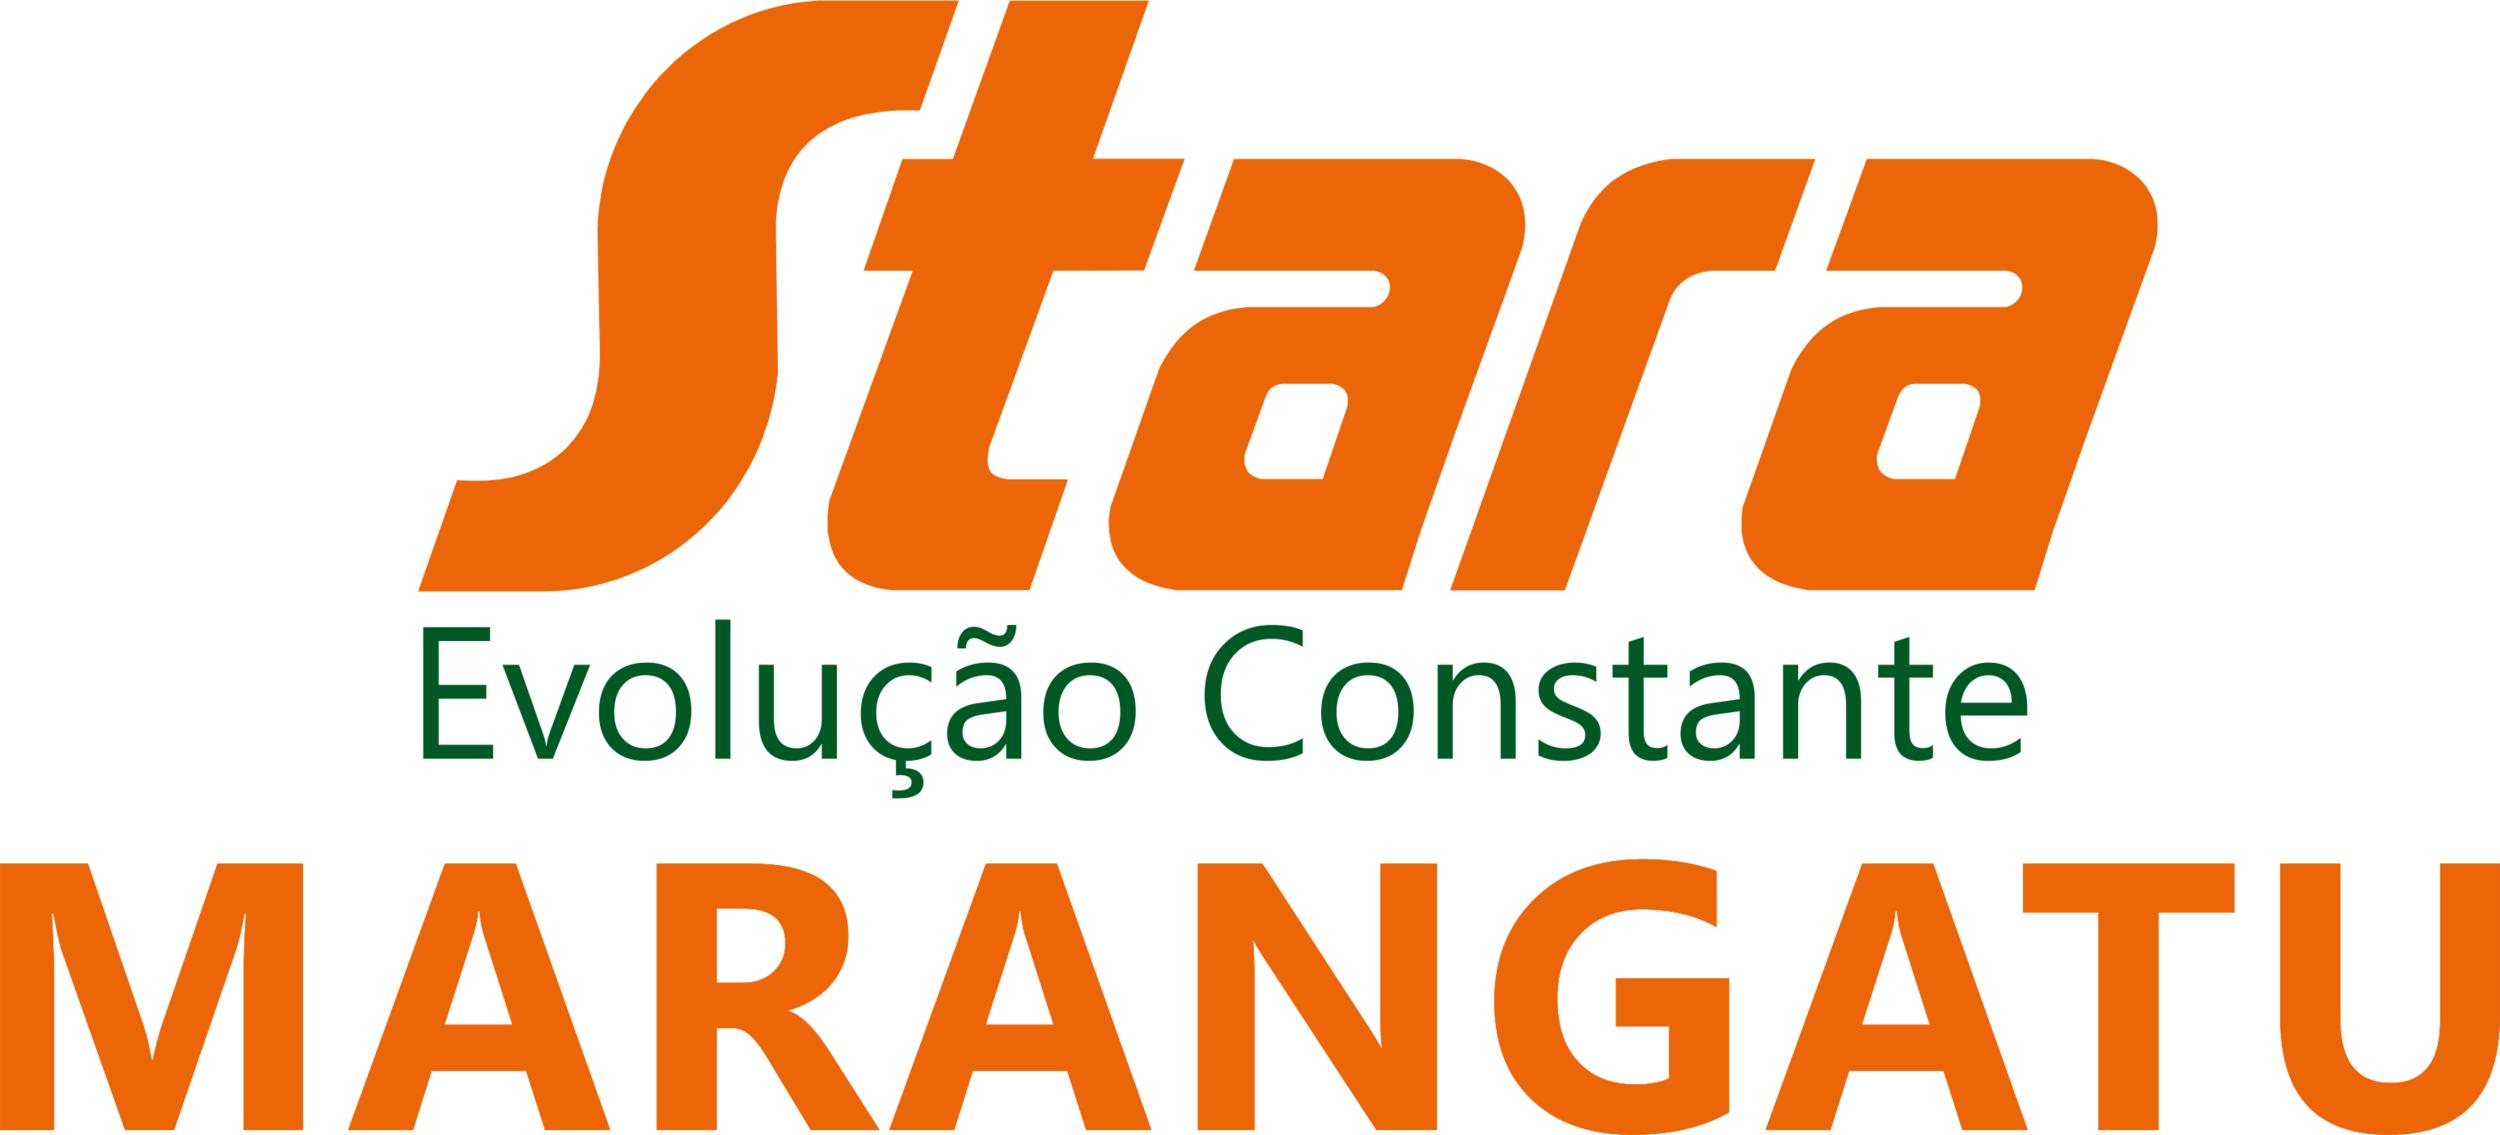 Logo Marangatu-Stara.png